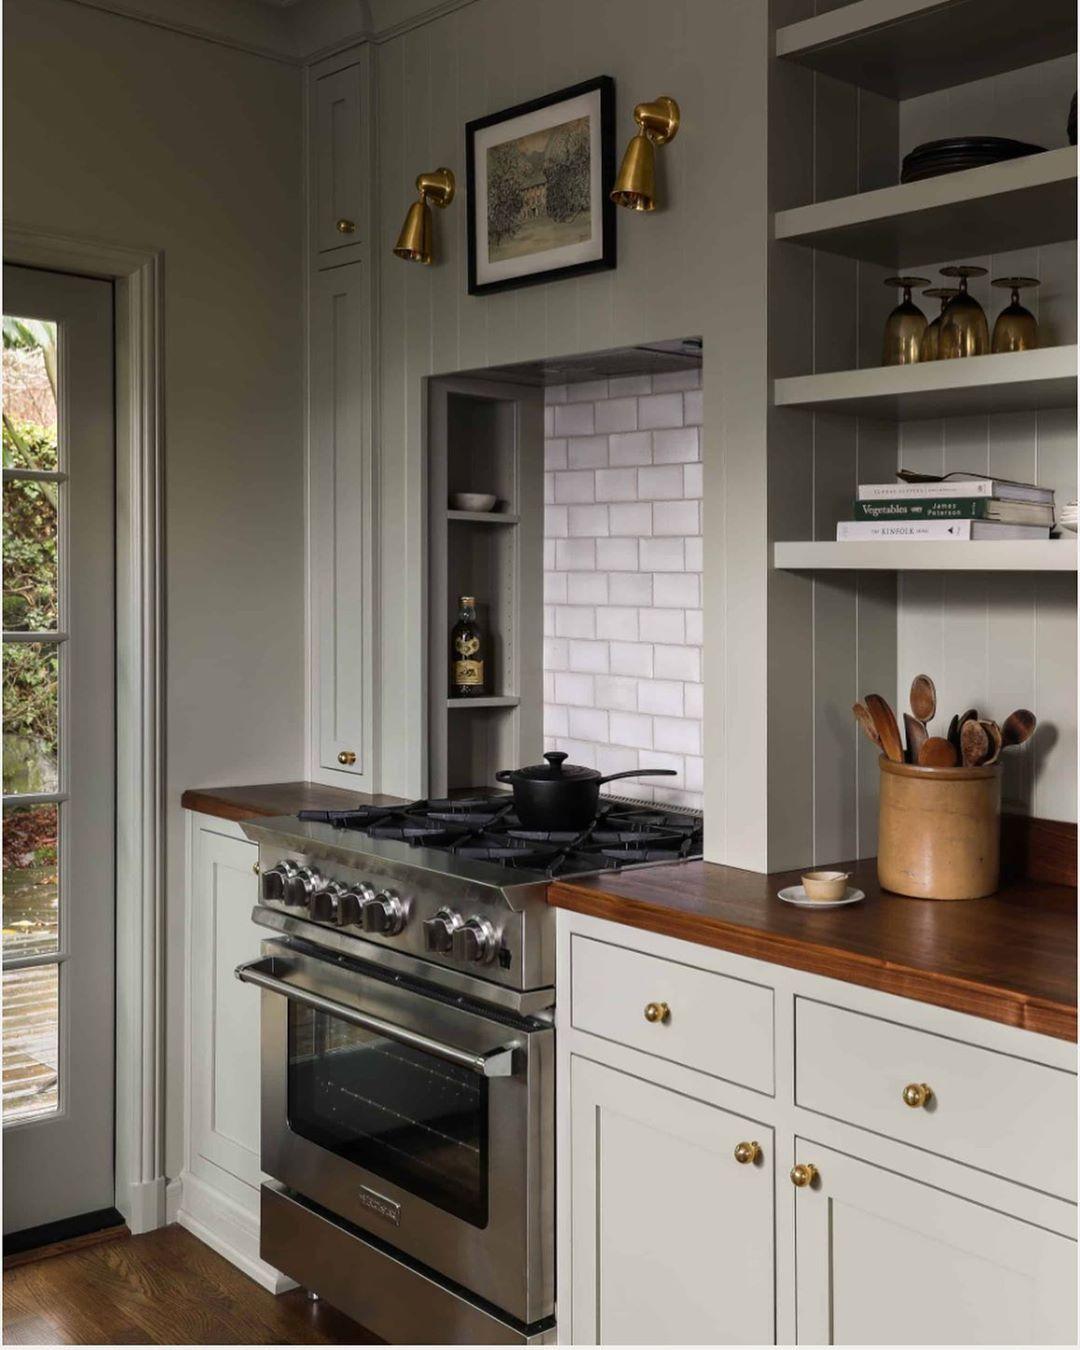 Vintage and modern kitchen